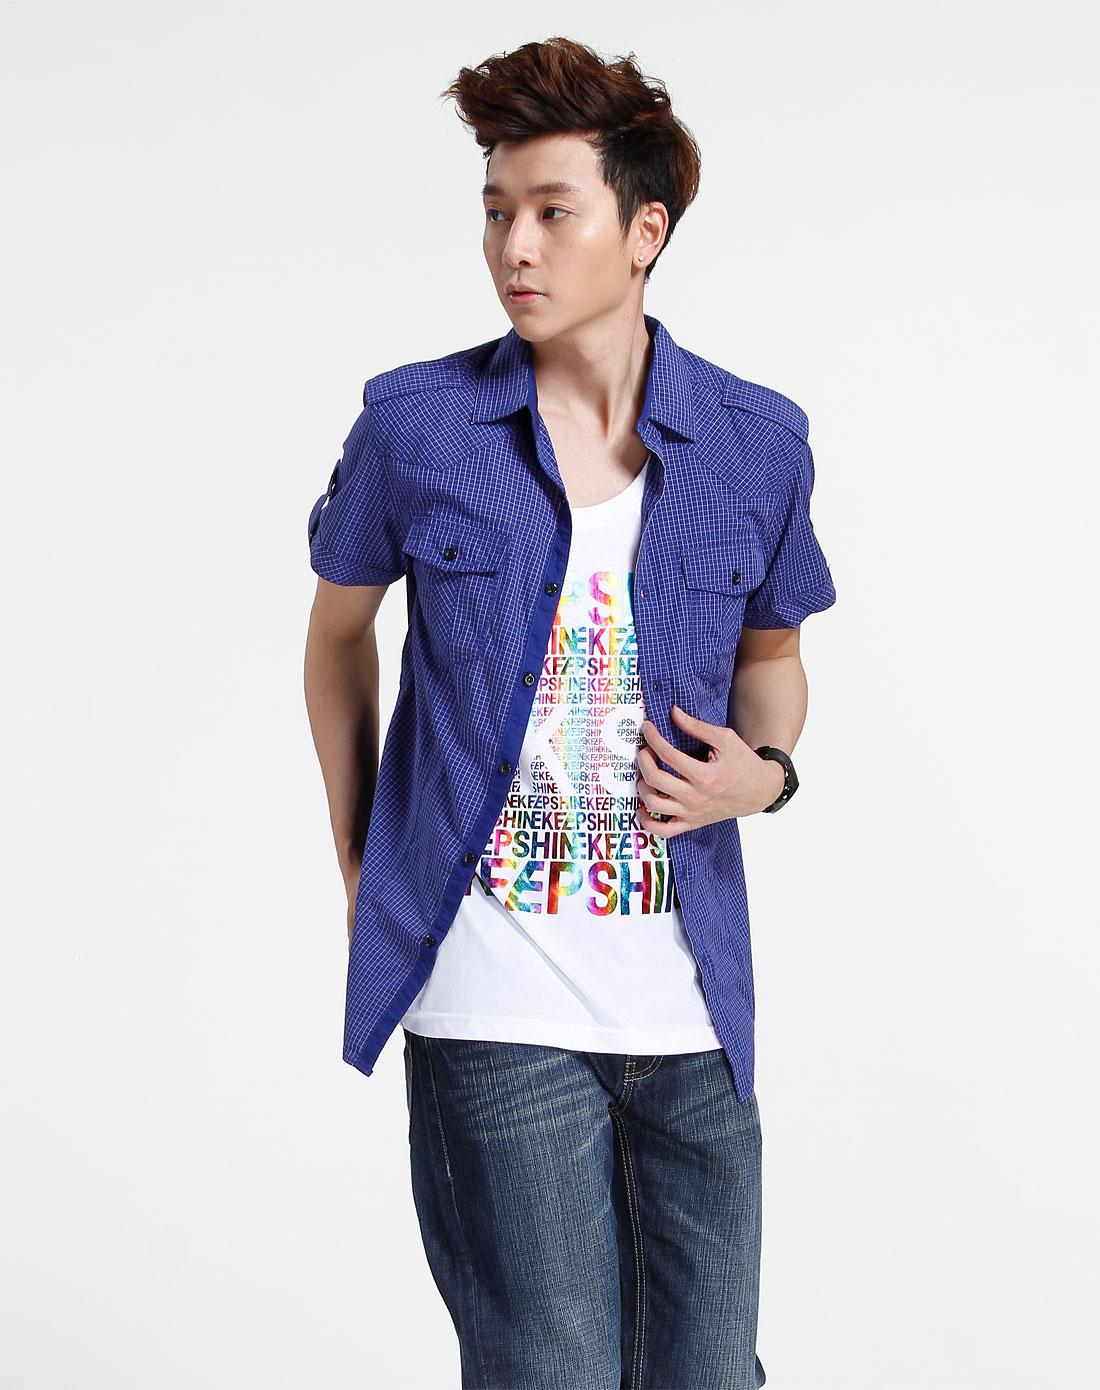 森马-男装-深蓝色格子短袖衬衫图片